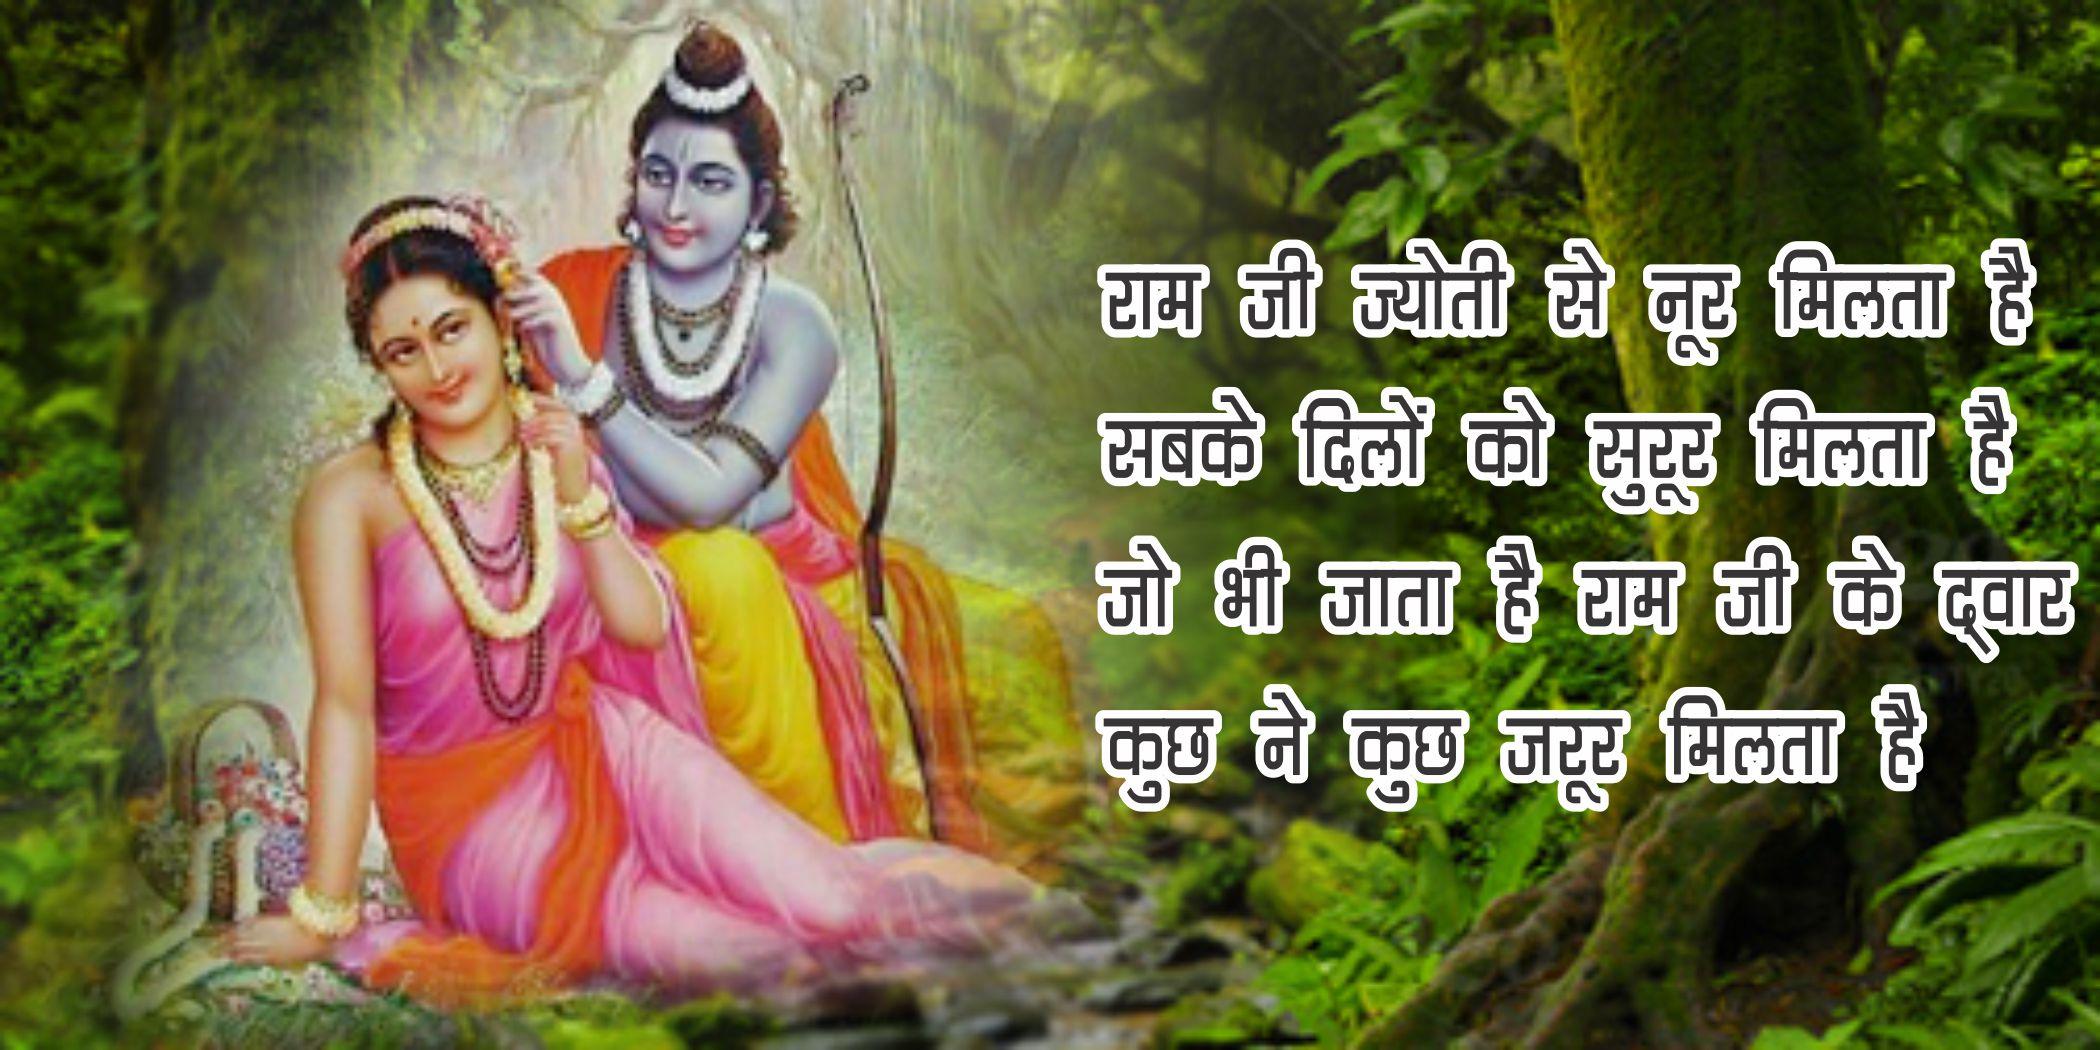 bhagwan shri ram whatsapp status wallpaper